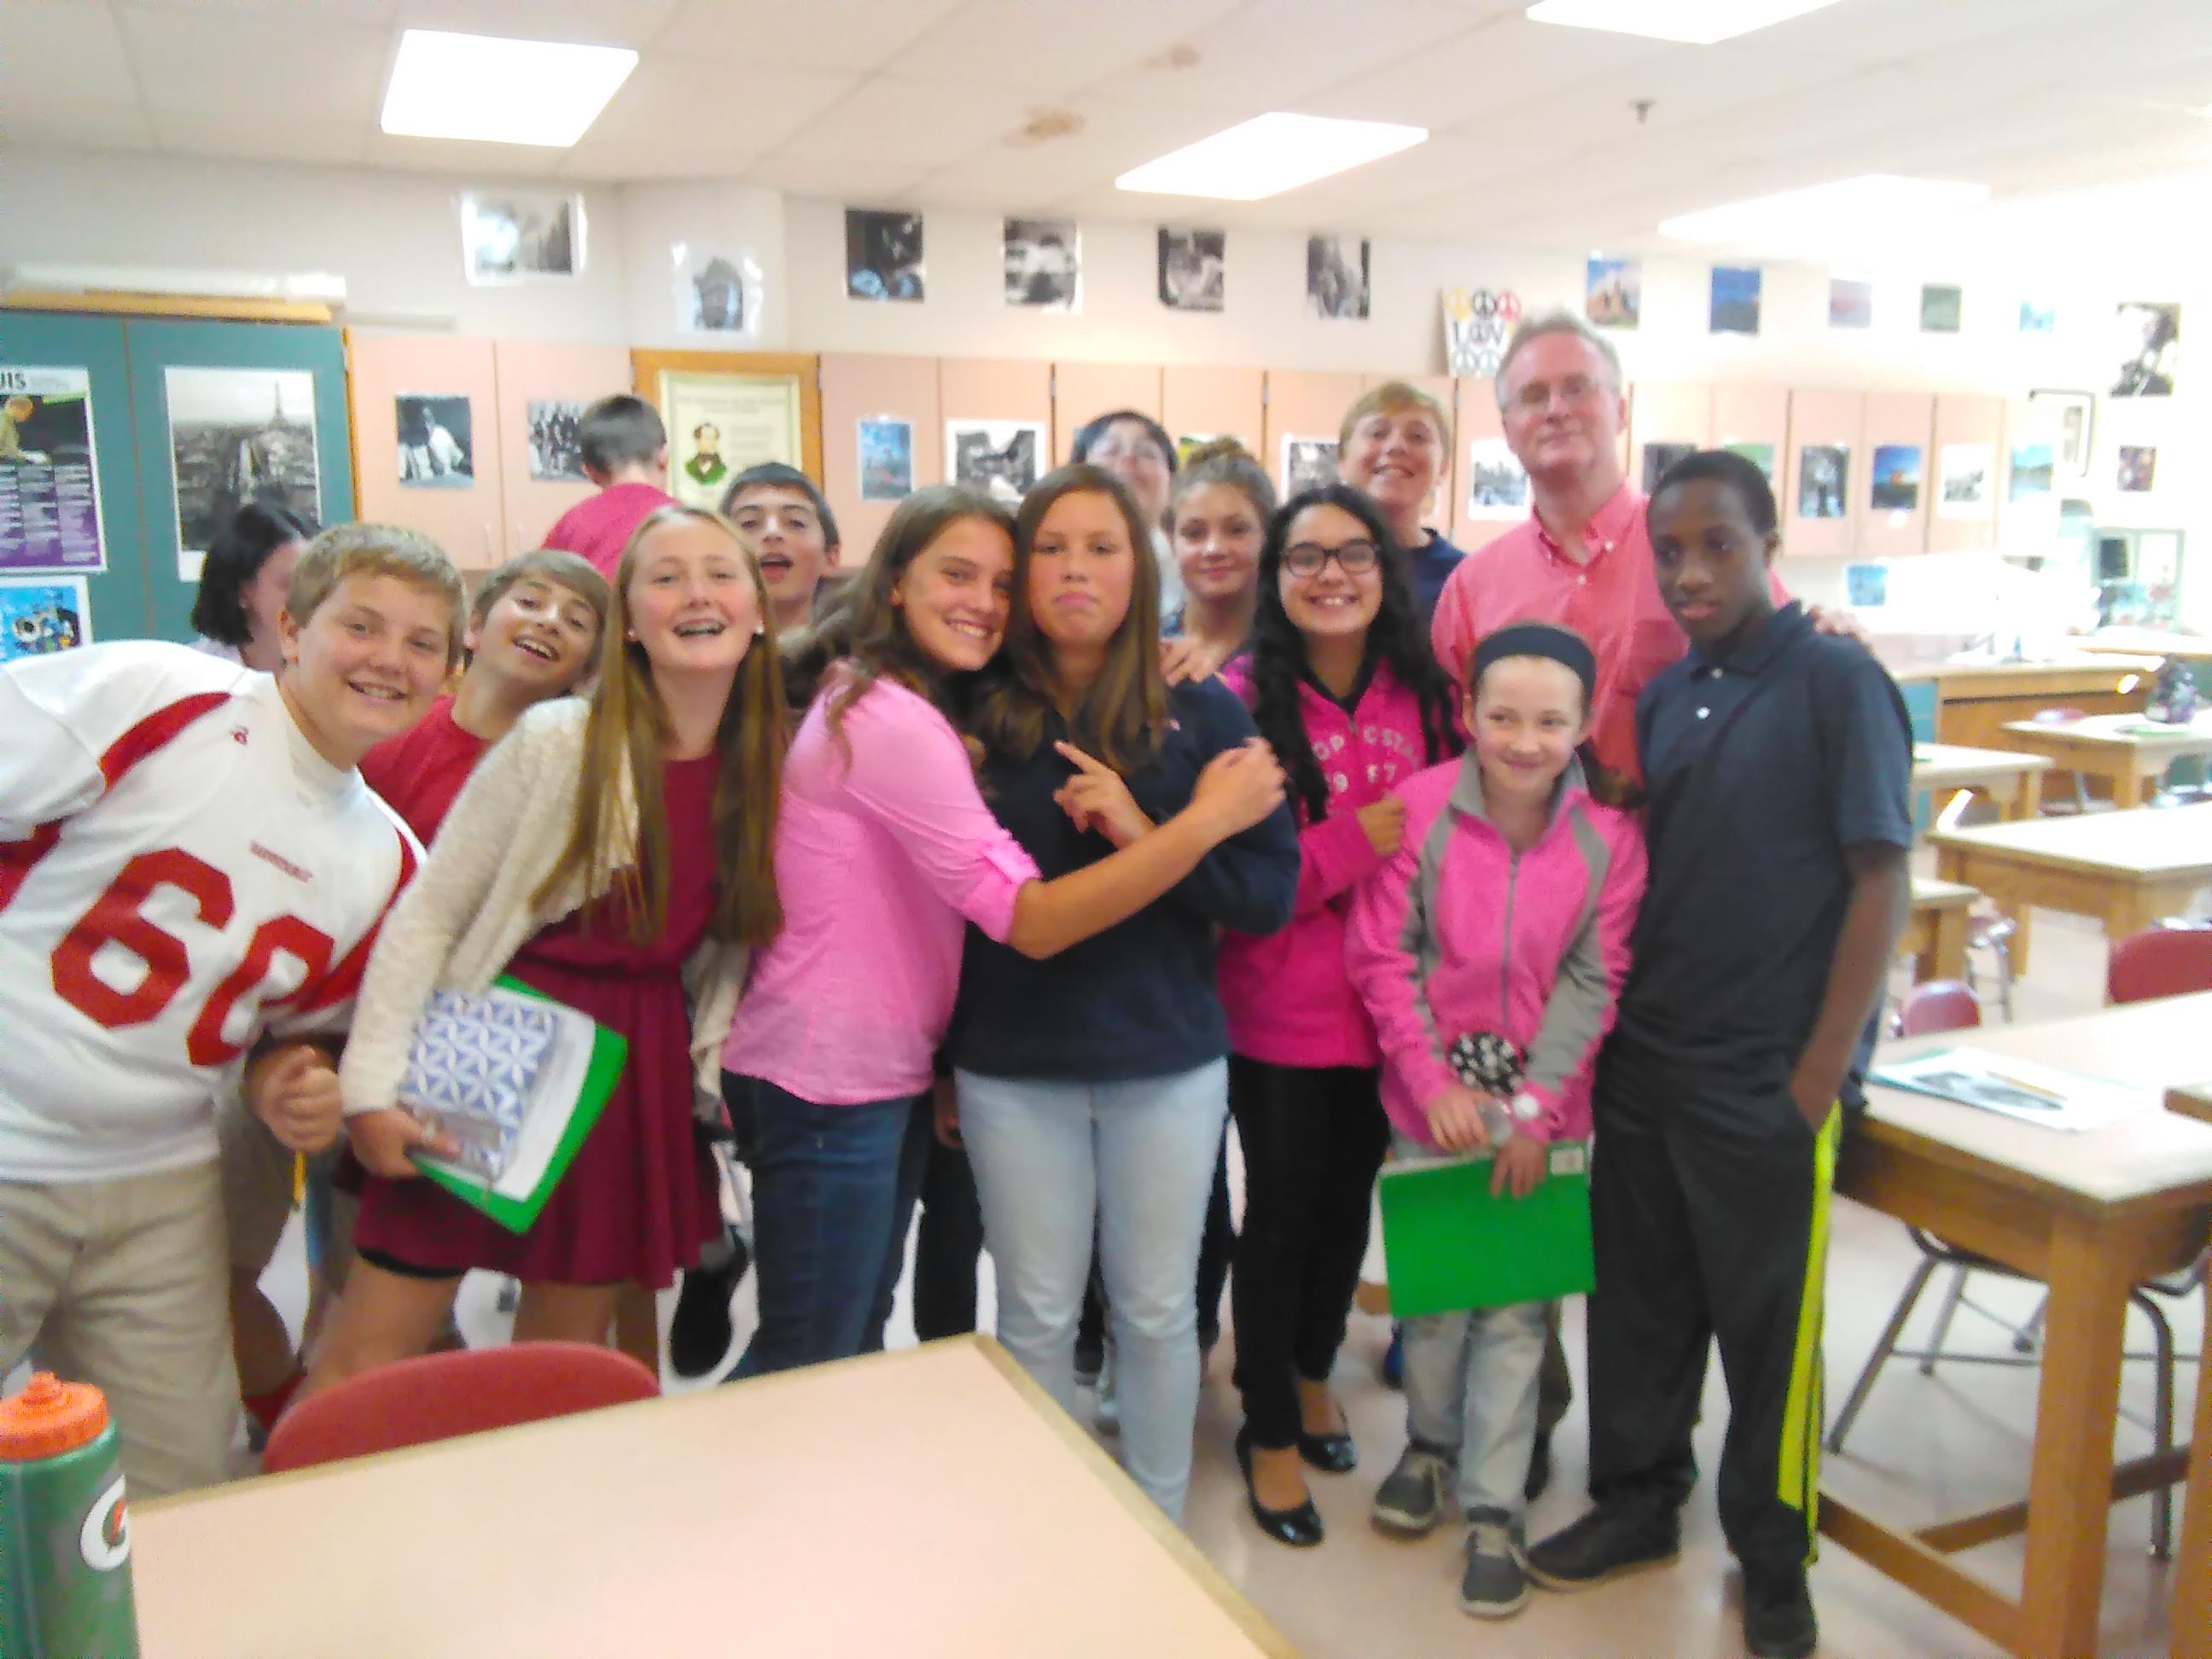 Caption: Mick Carlon and his 7th grade class